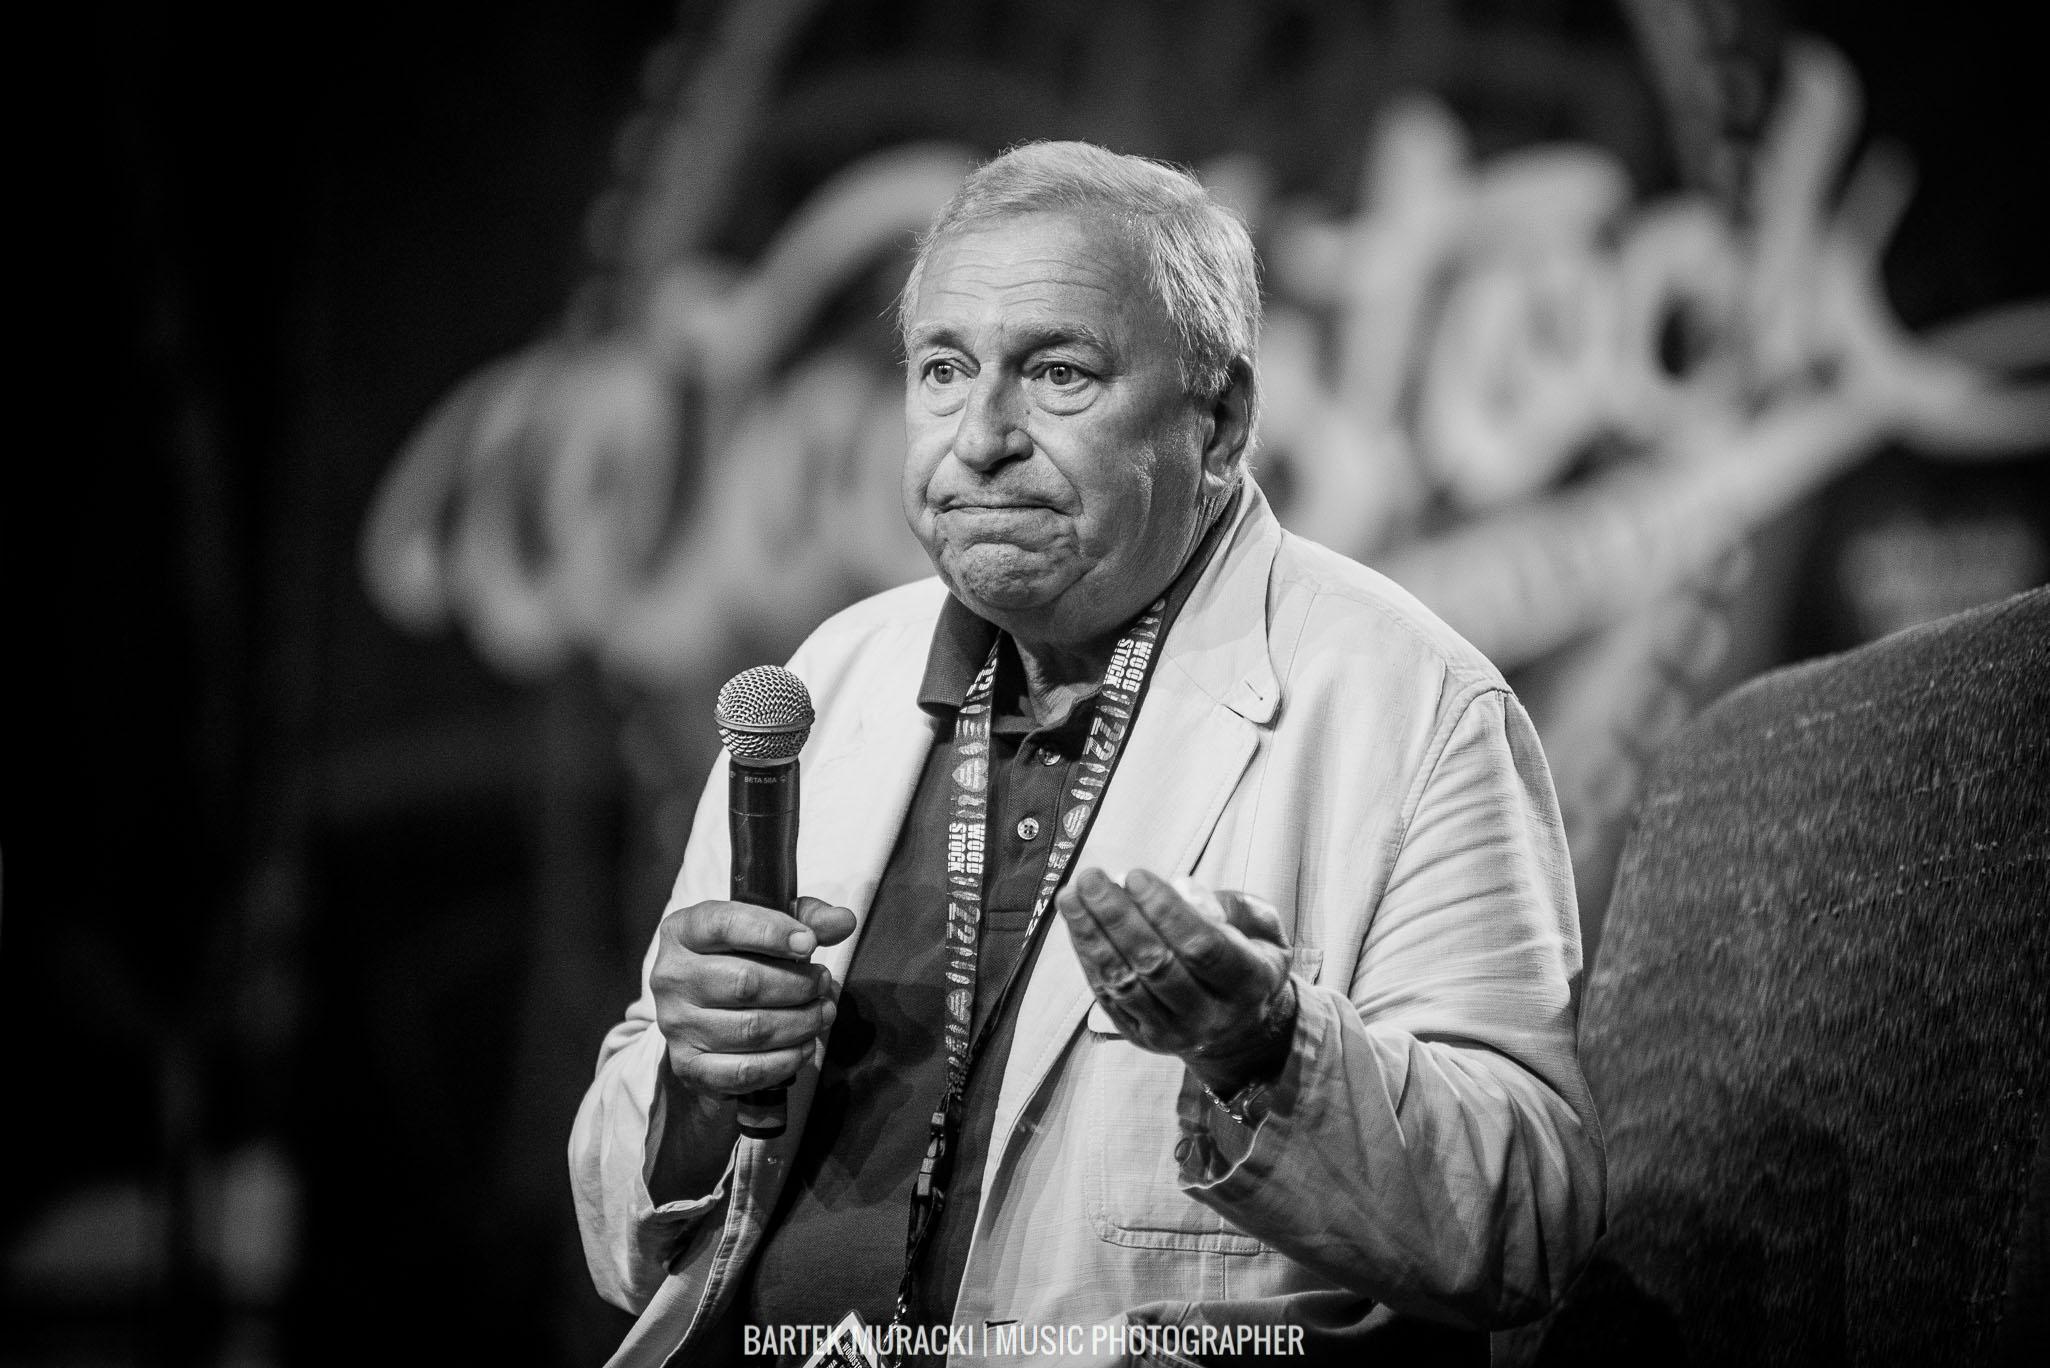 Przystanek-Woodstock-2016-WB-foto-Bartek-Muracki--200258